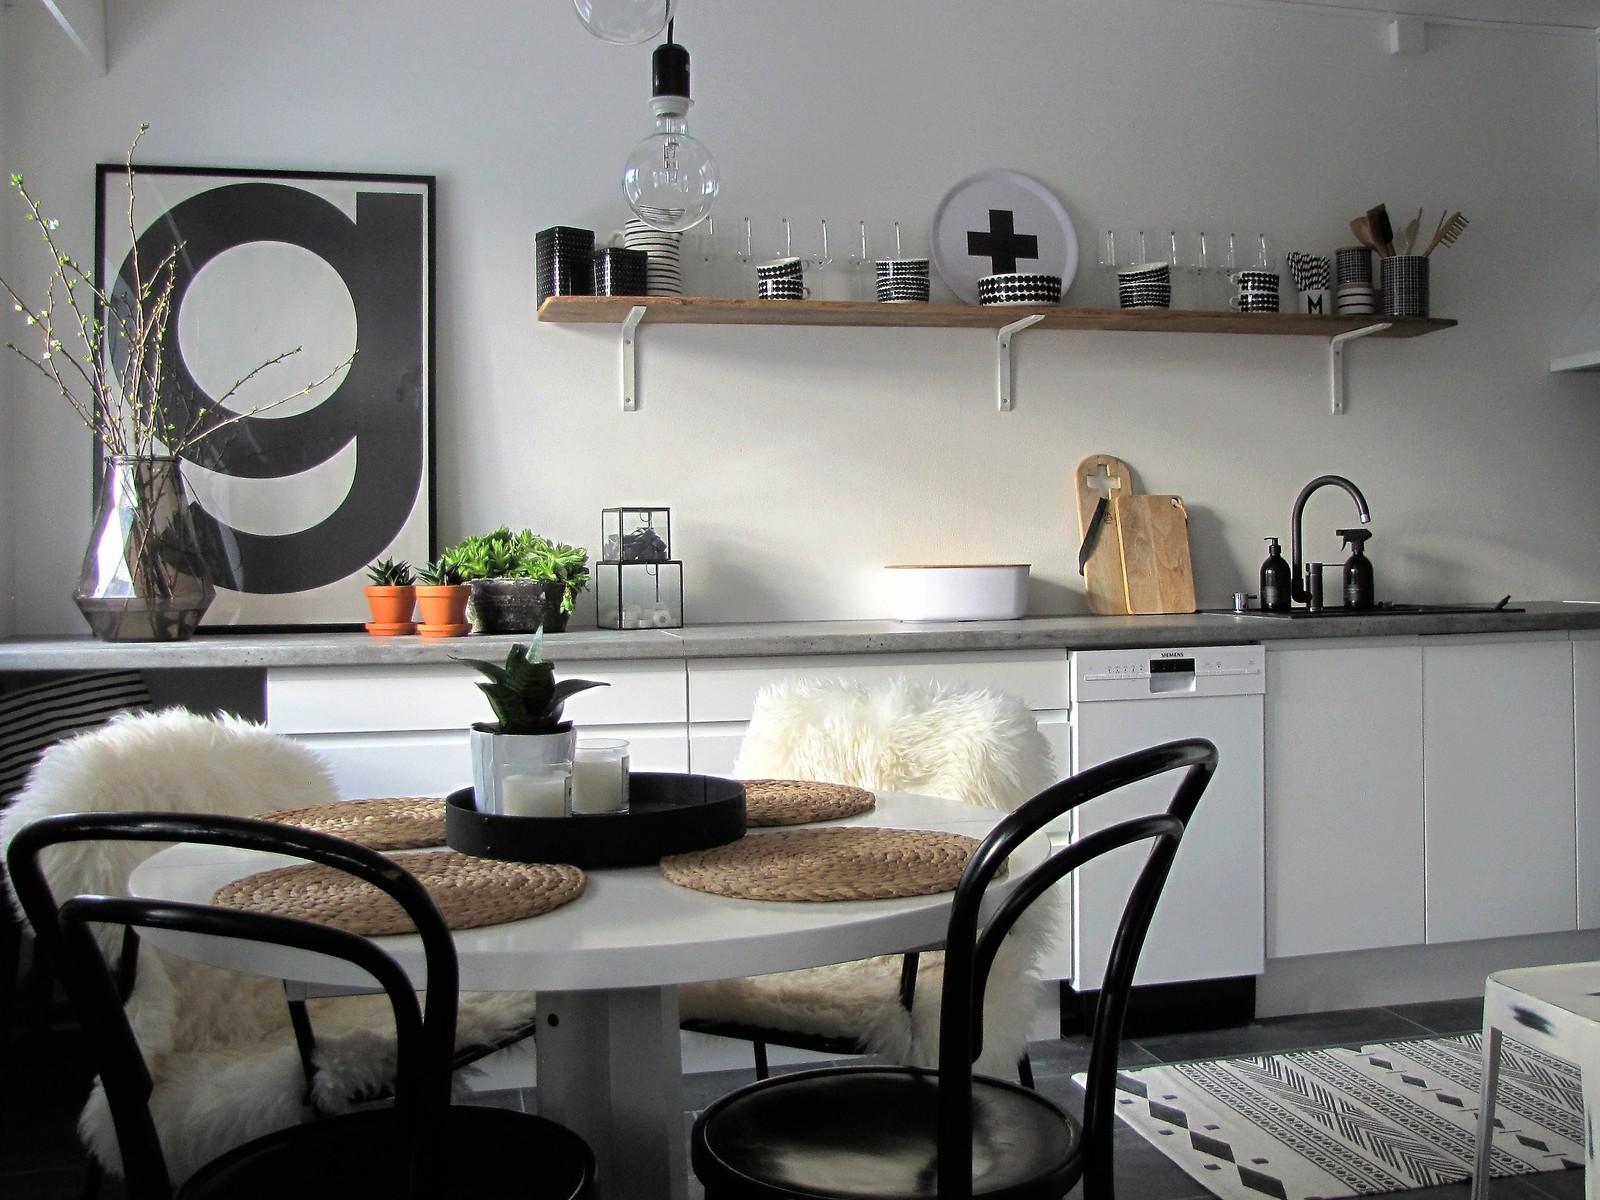 Skandinaavista ilmettä kaksion keittiössä  Etuovi com Ideat & vinkit